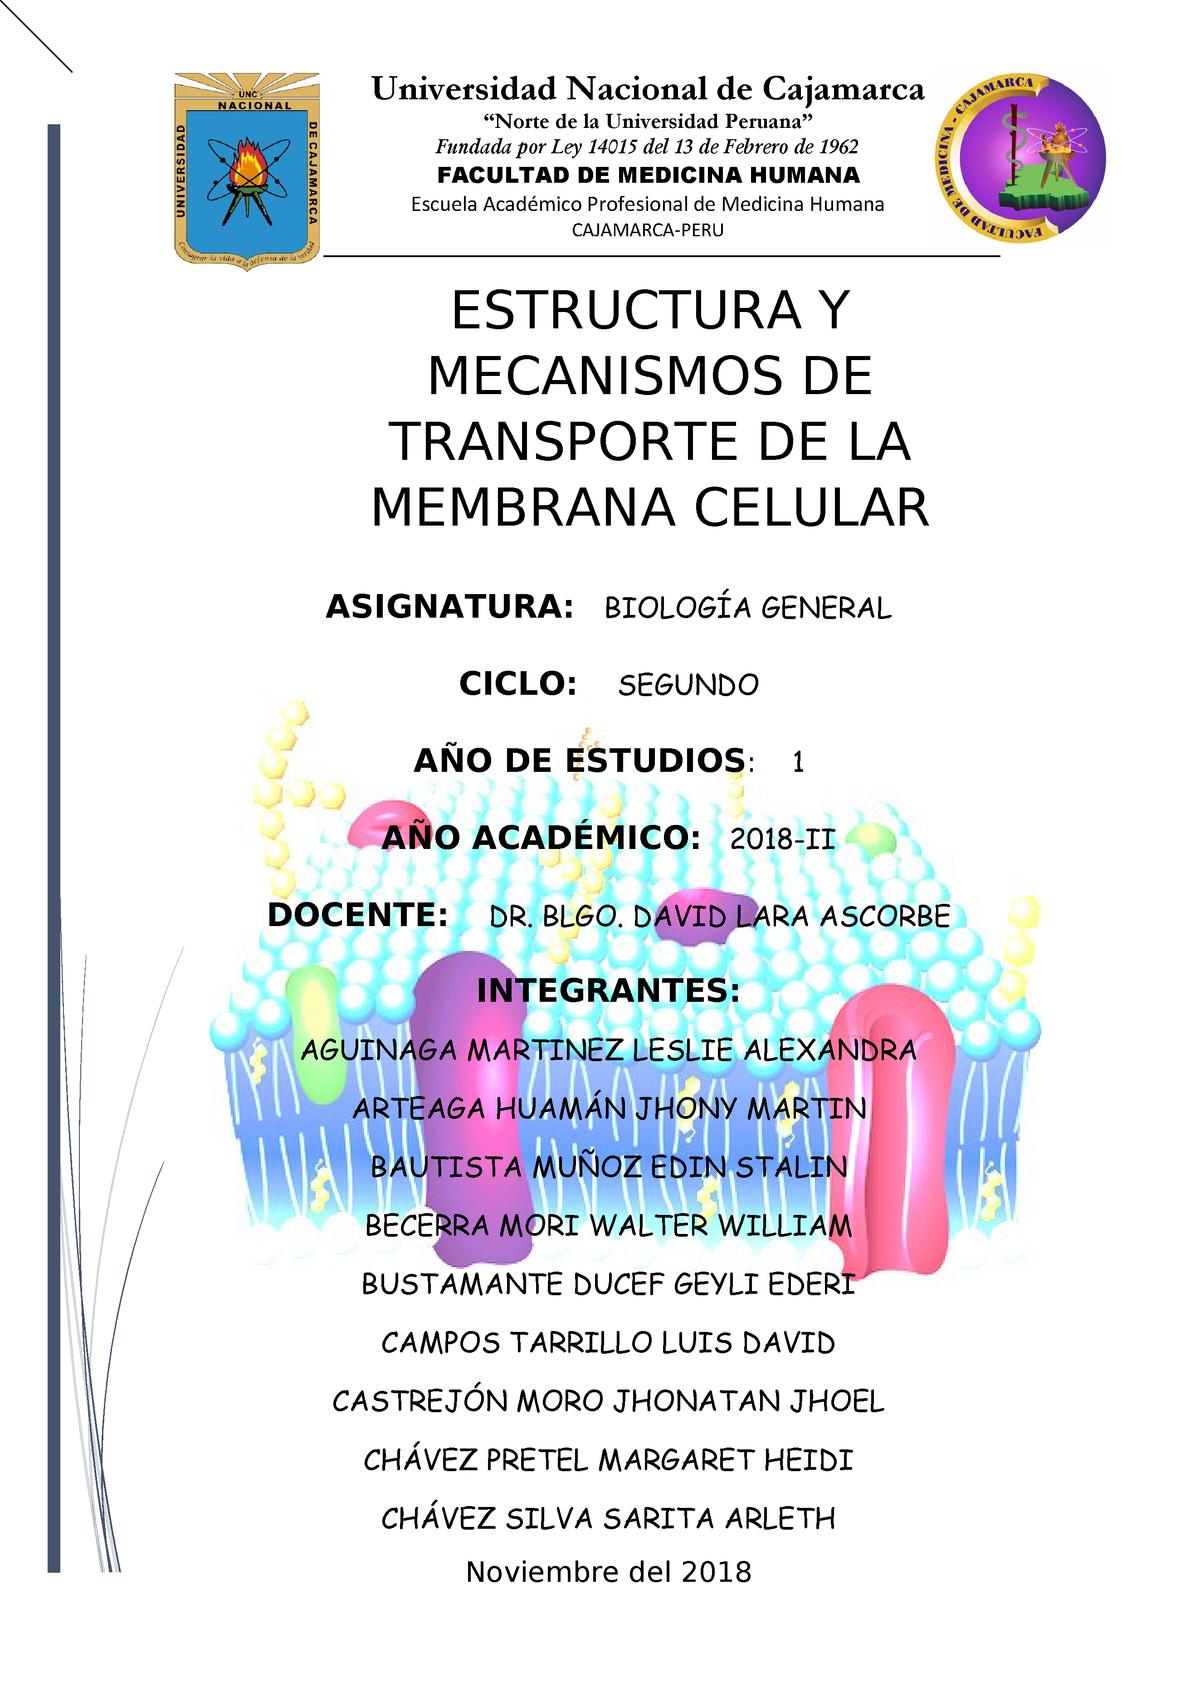 Biologia Informe Membrana Biología General 50923 Unc